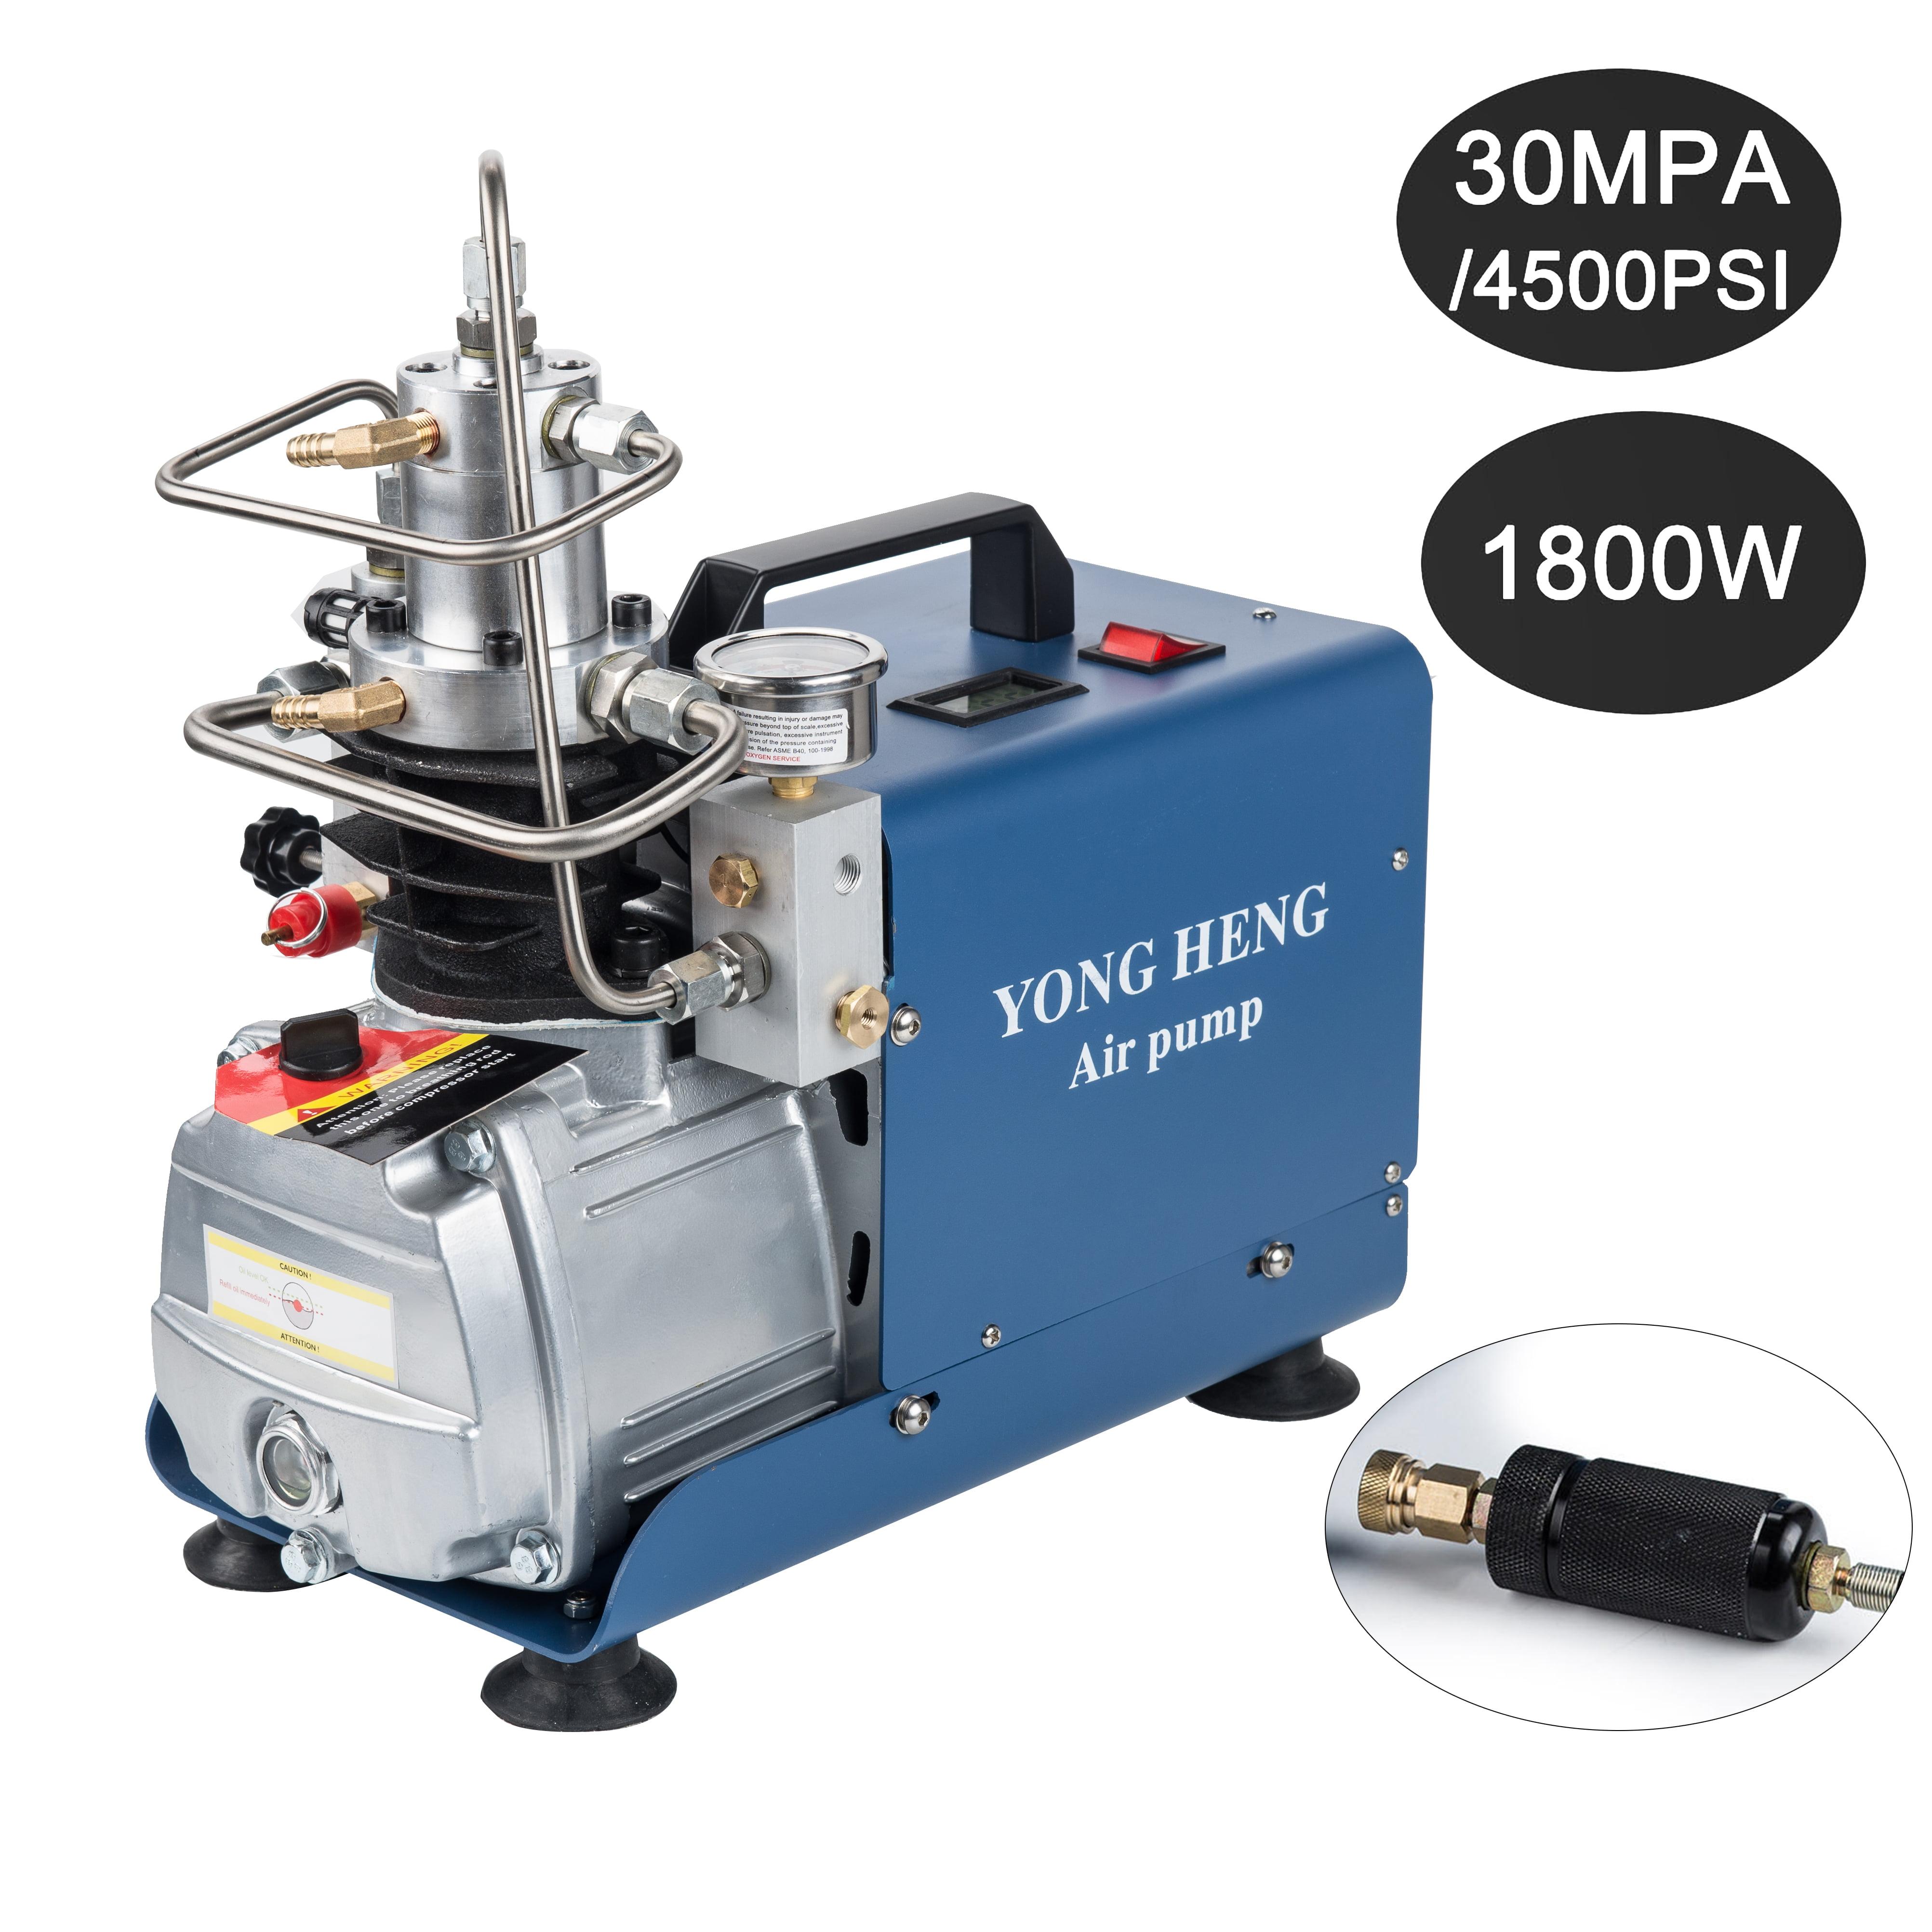 Portable High Pressure Air Pump Air Compressor Water Cooling 2800r//min 4500PSI PCP Airgun Scuba Air Pump 1800W Jintaihua 30MPA Pressure Air Compressor Air Pump